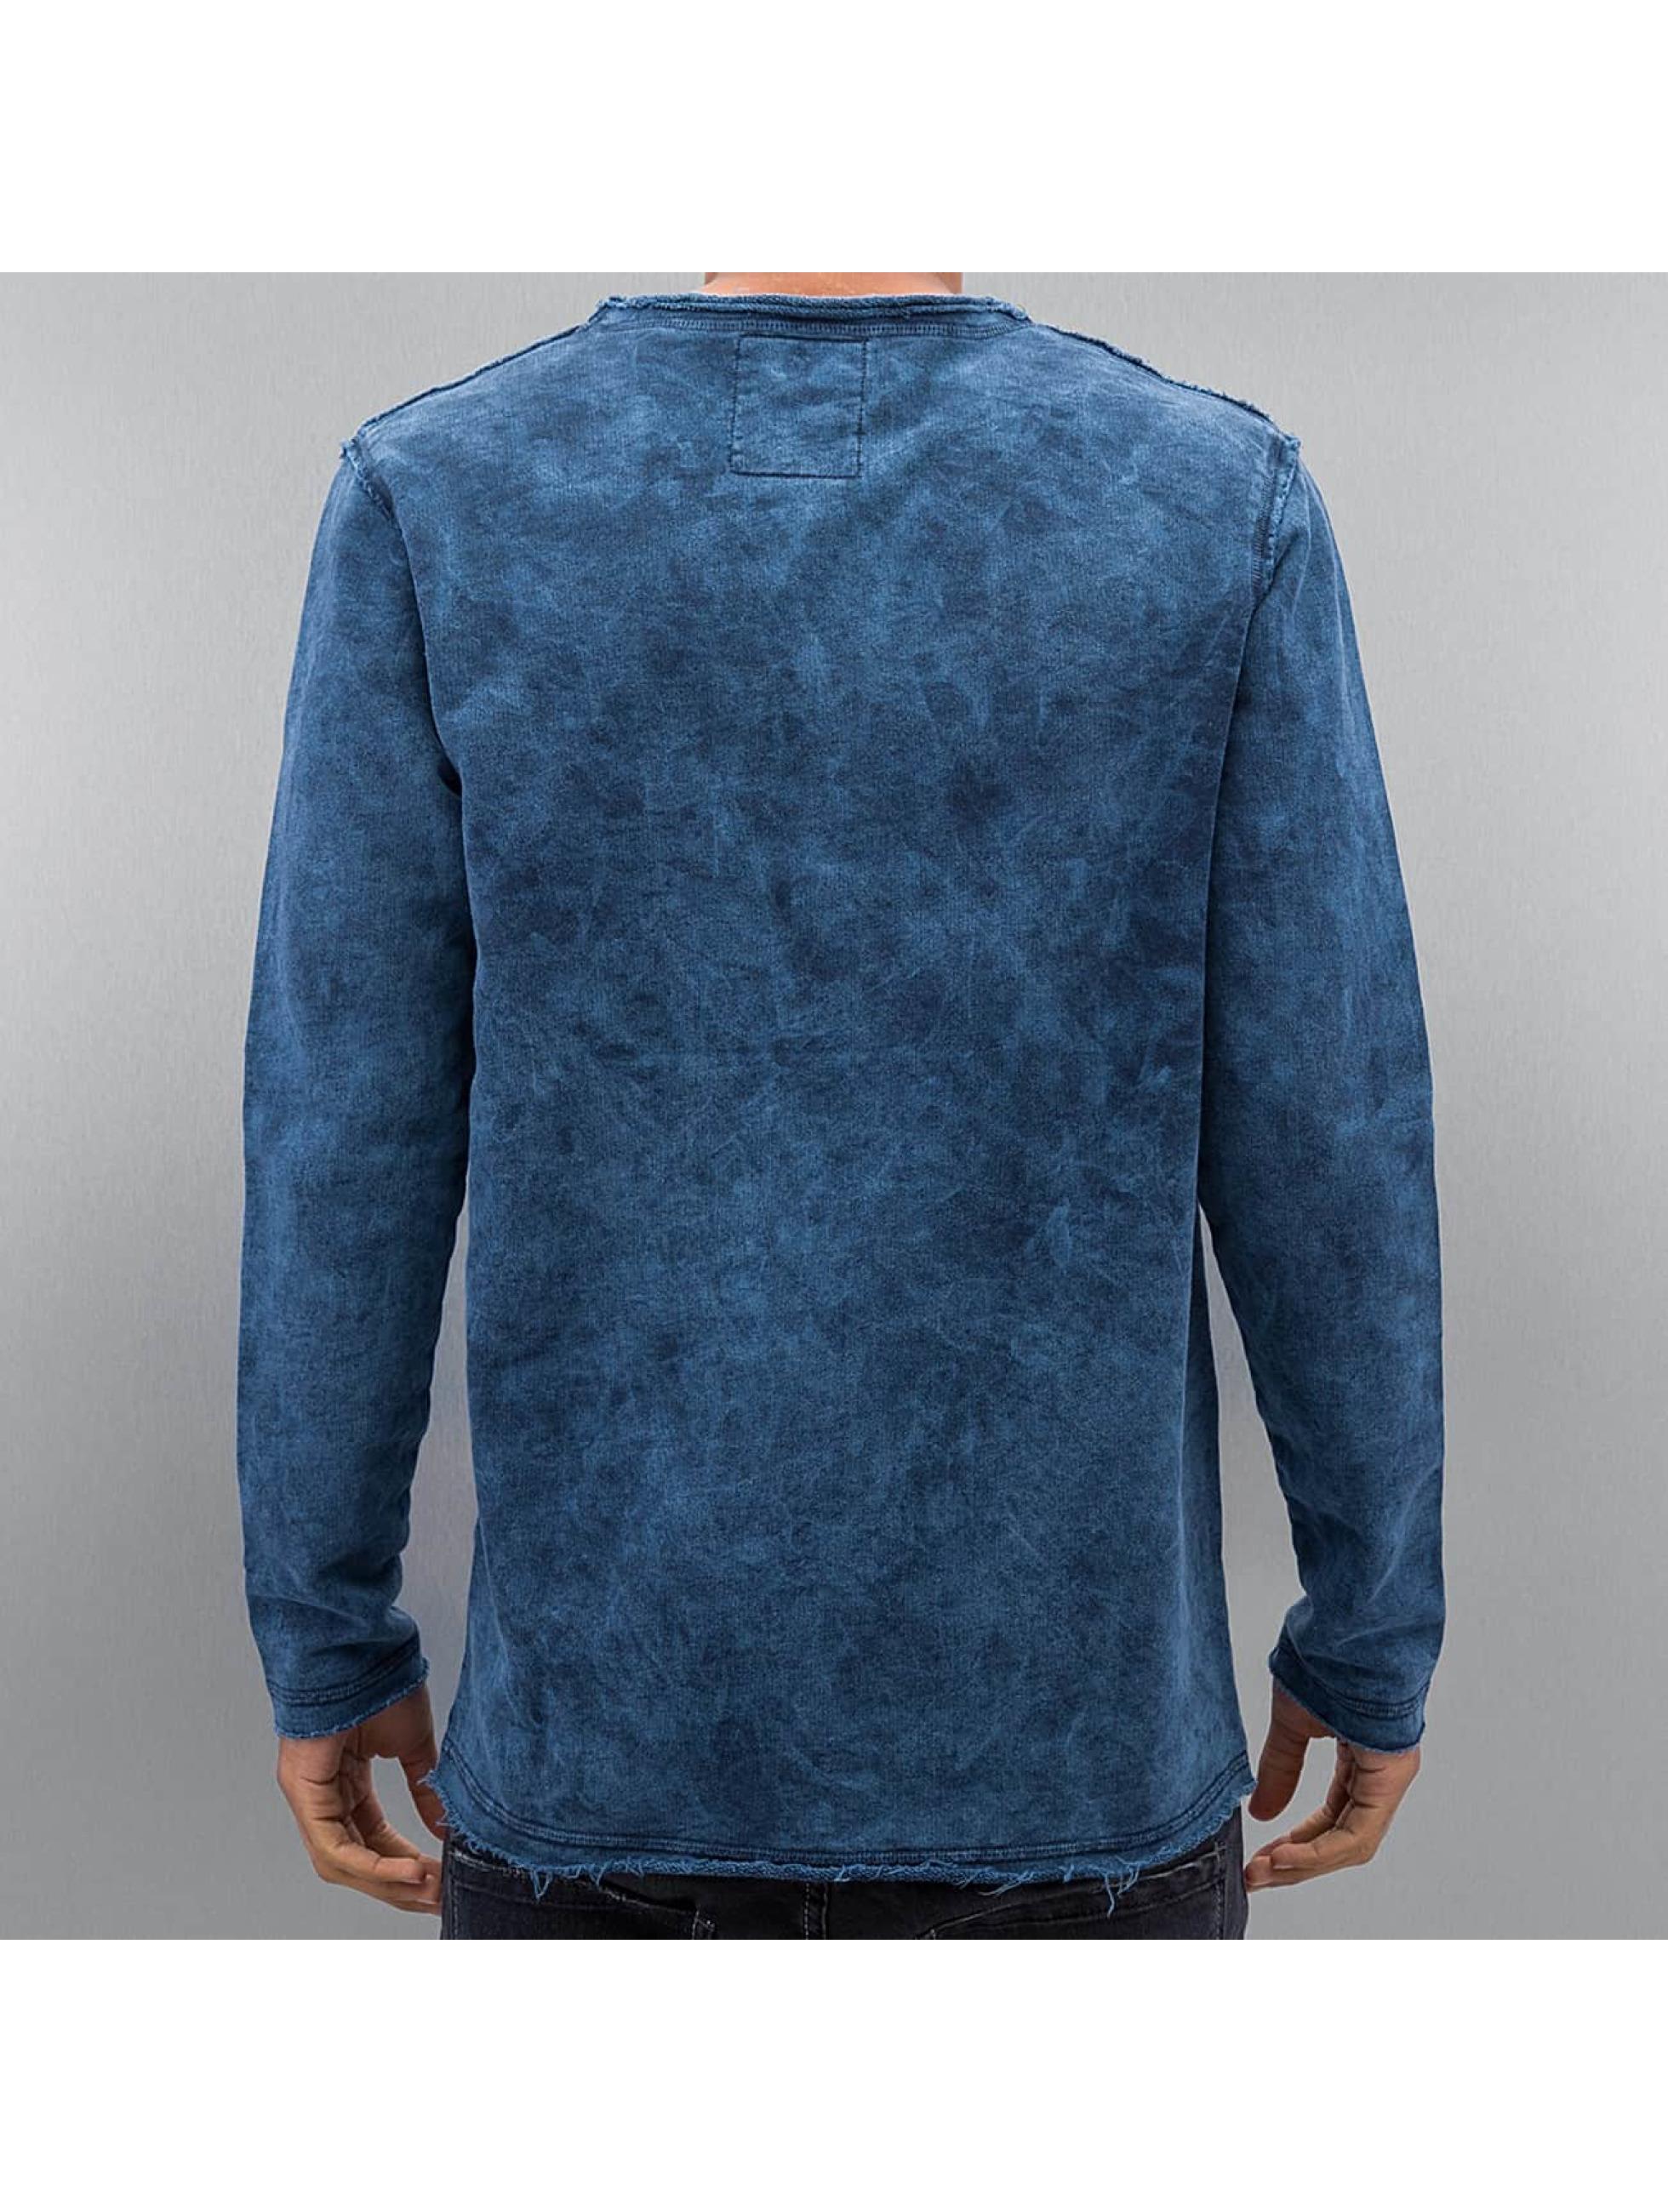 Cipo & Baxx Pullover Karl indigo